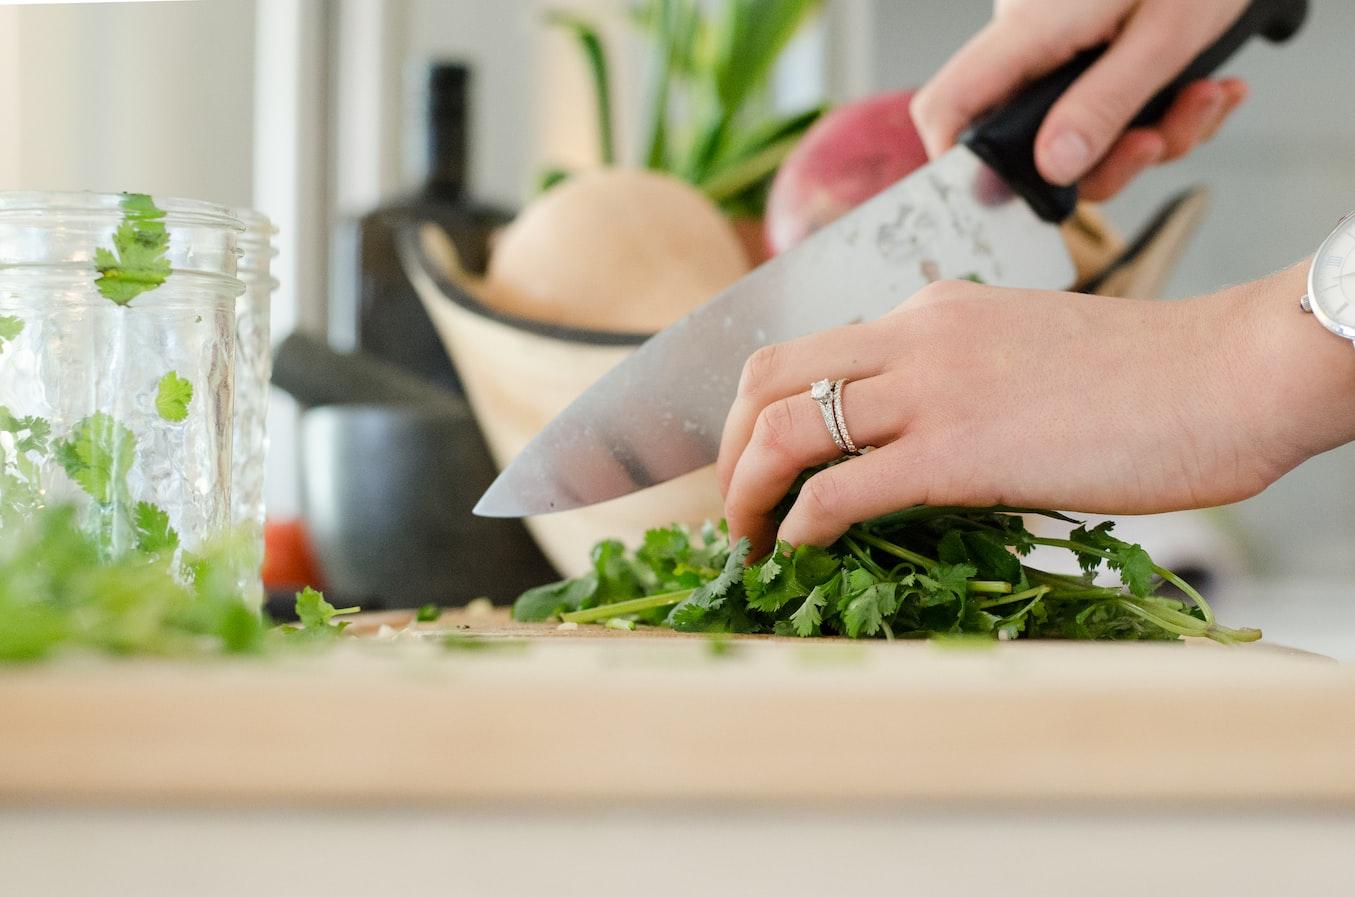 自己煮一定比較健康?在家飲食 5 關鍵才能避開心血管疾病